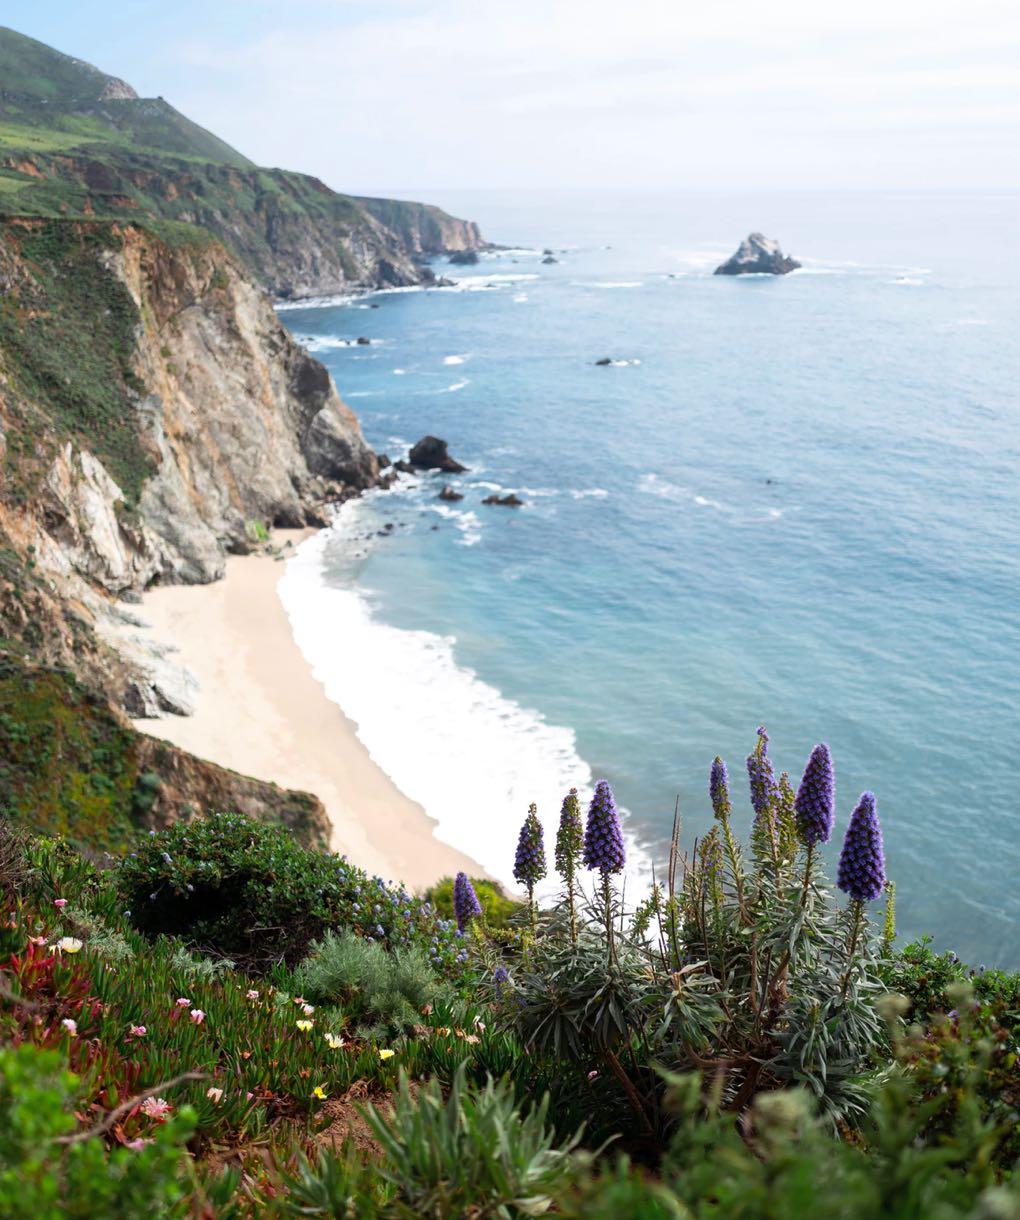 Epic oceanside cliffs